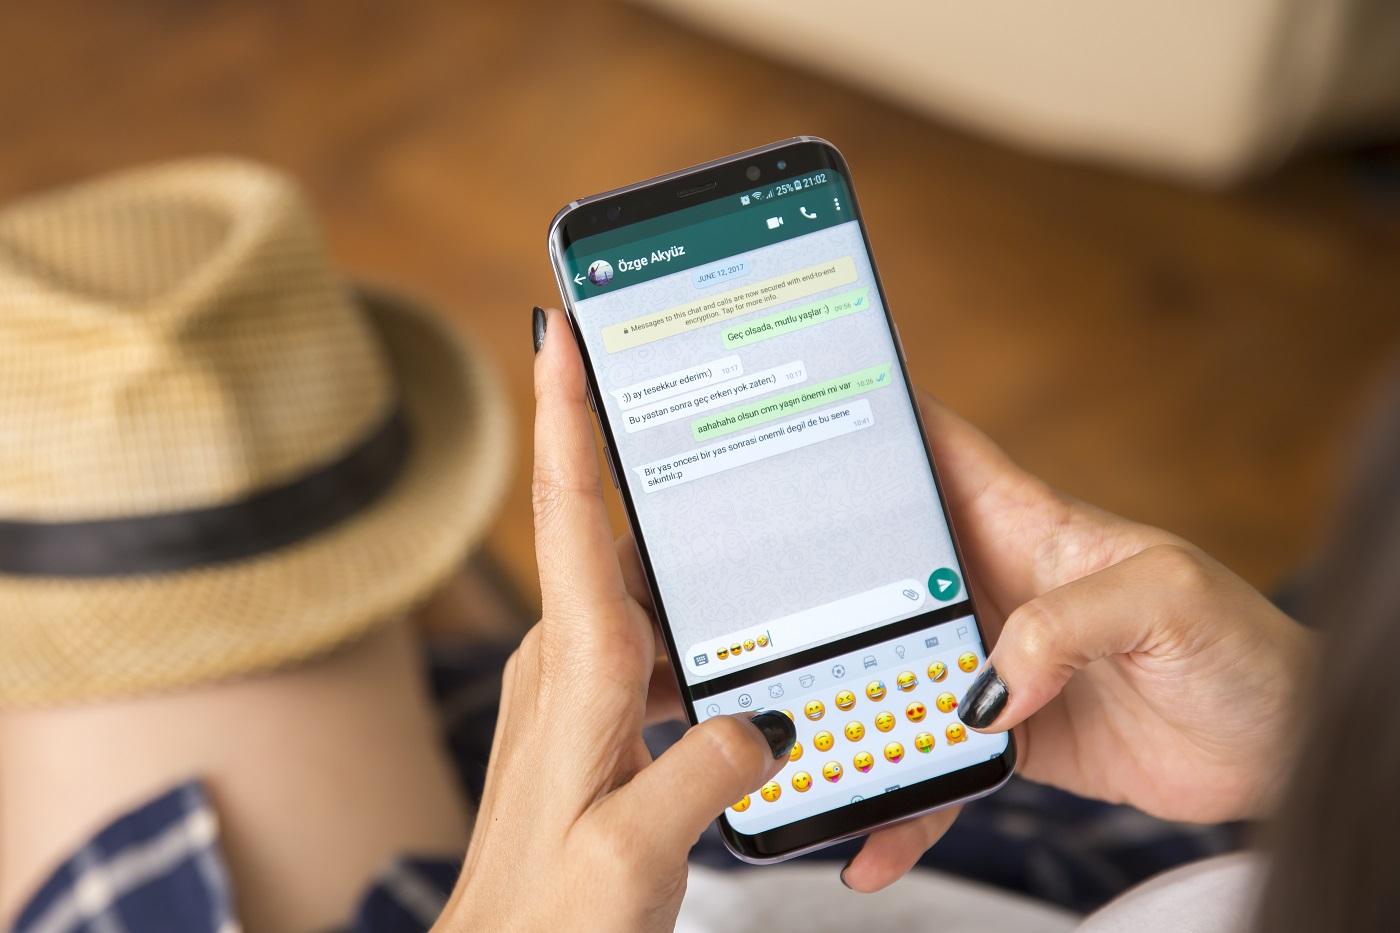 WhatsApp poderá transformar imagens em figurinhas, indica teste